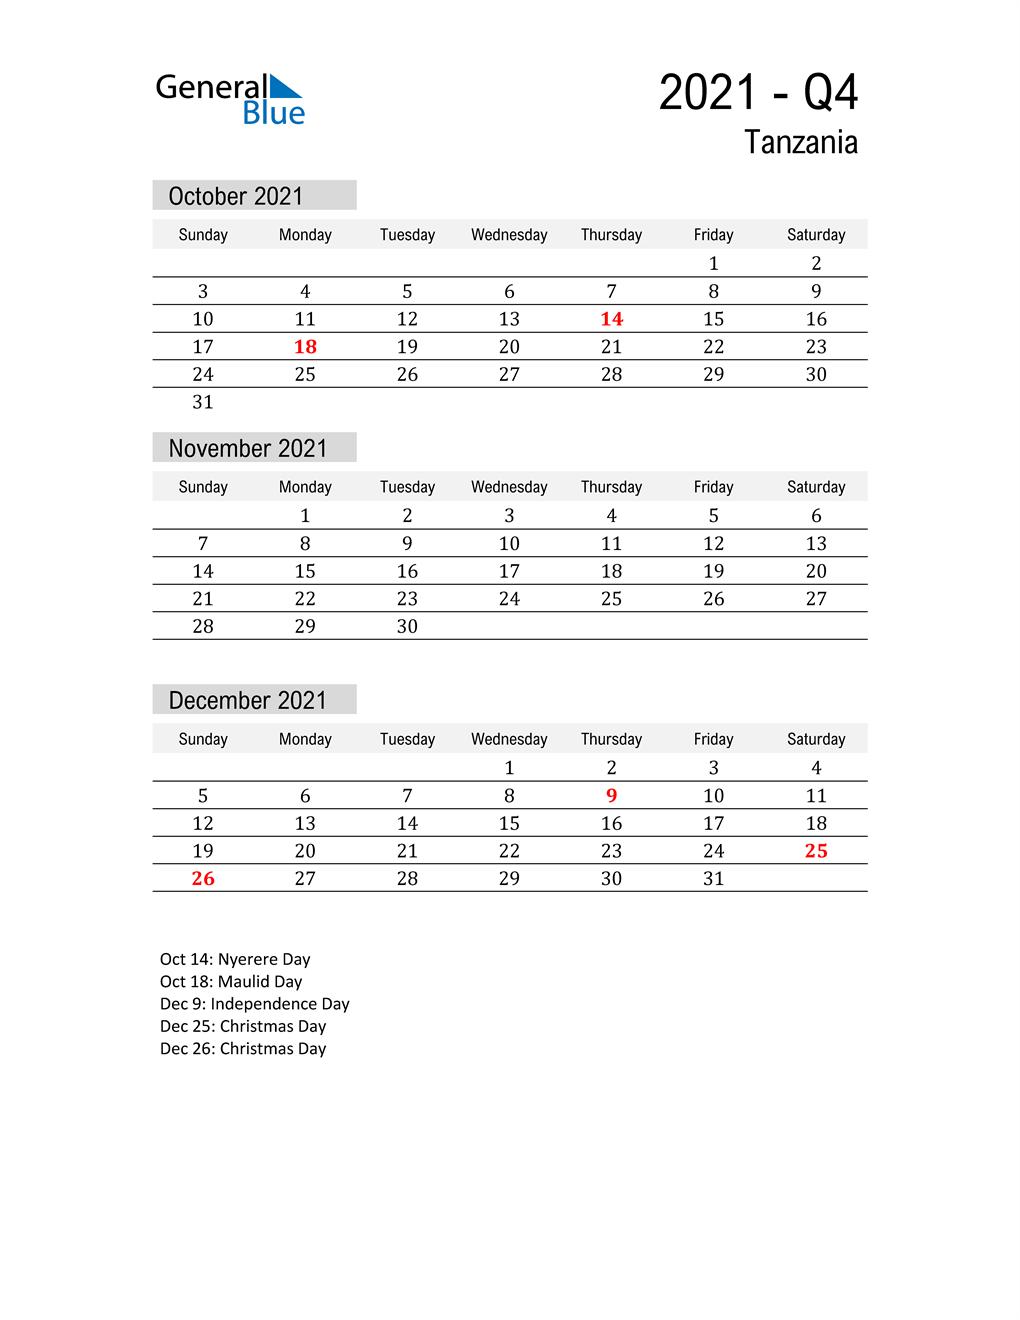 Tanzania Quarter 4 2021 Calendar